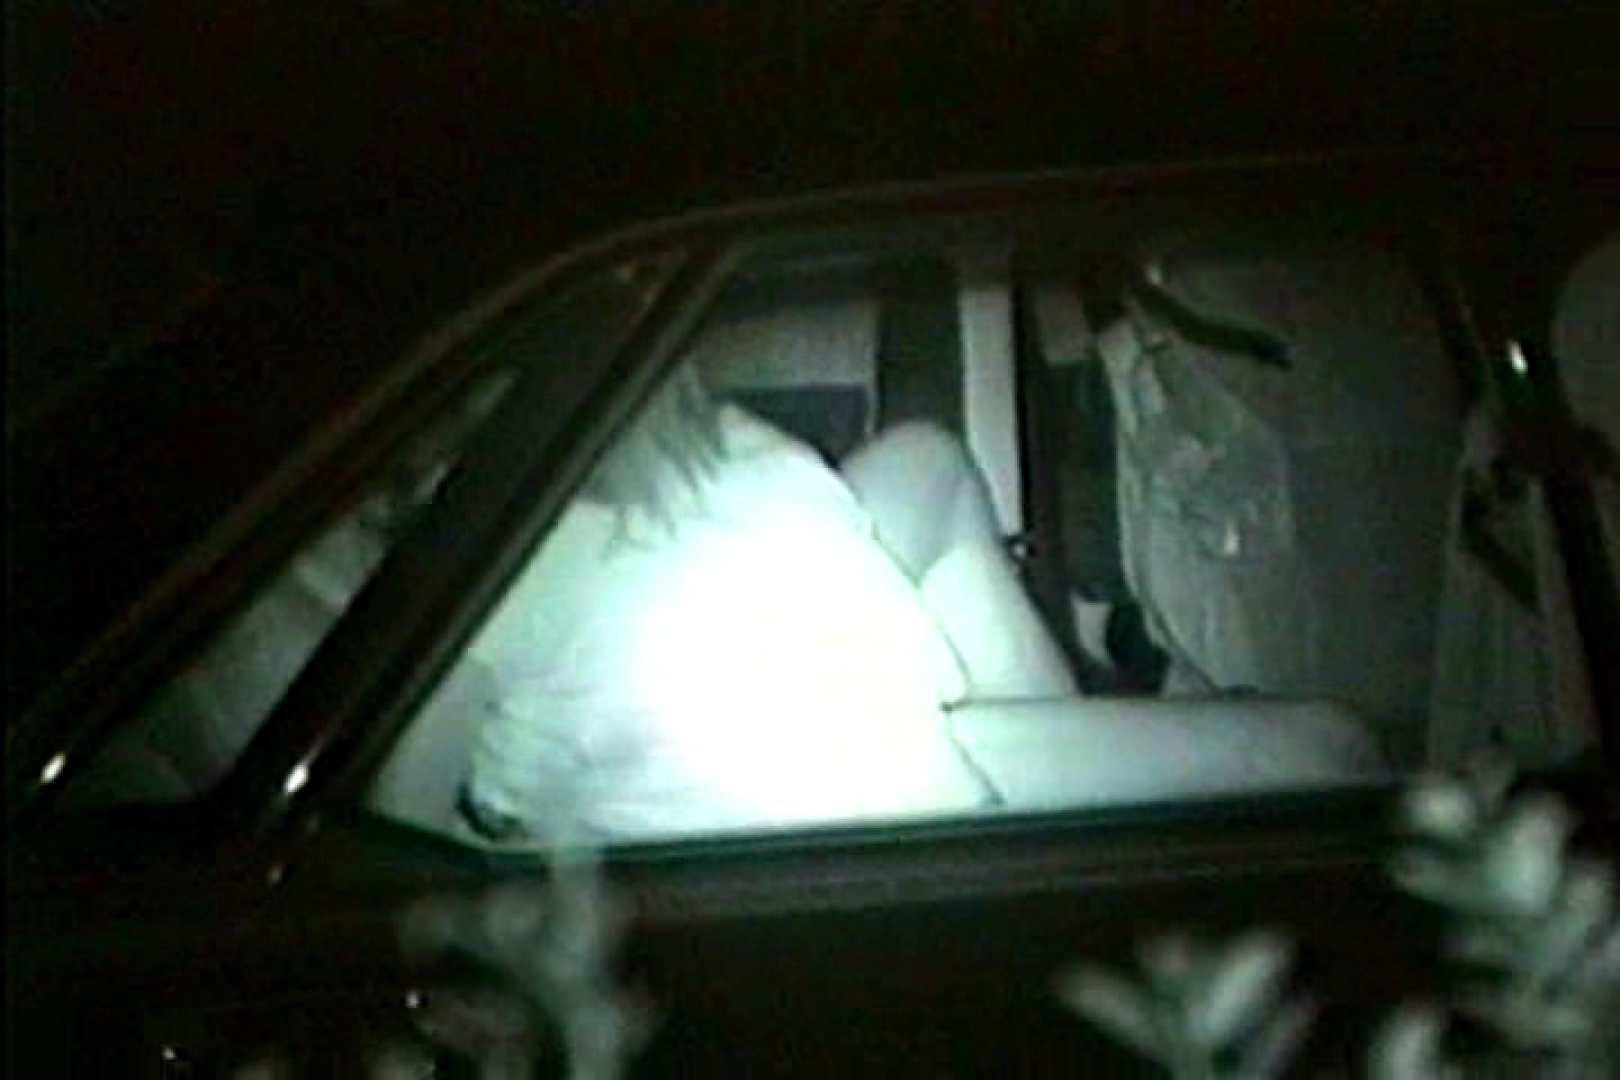 車の中はラブホテル 無修正版  Vol.6 車 盗み撮り動画 31連発 4